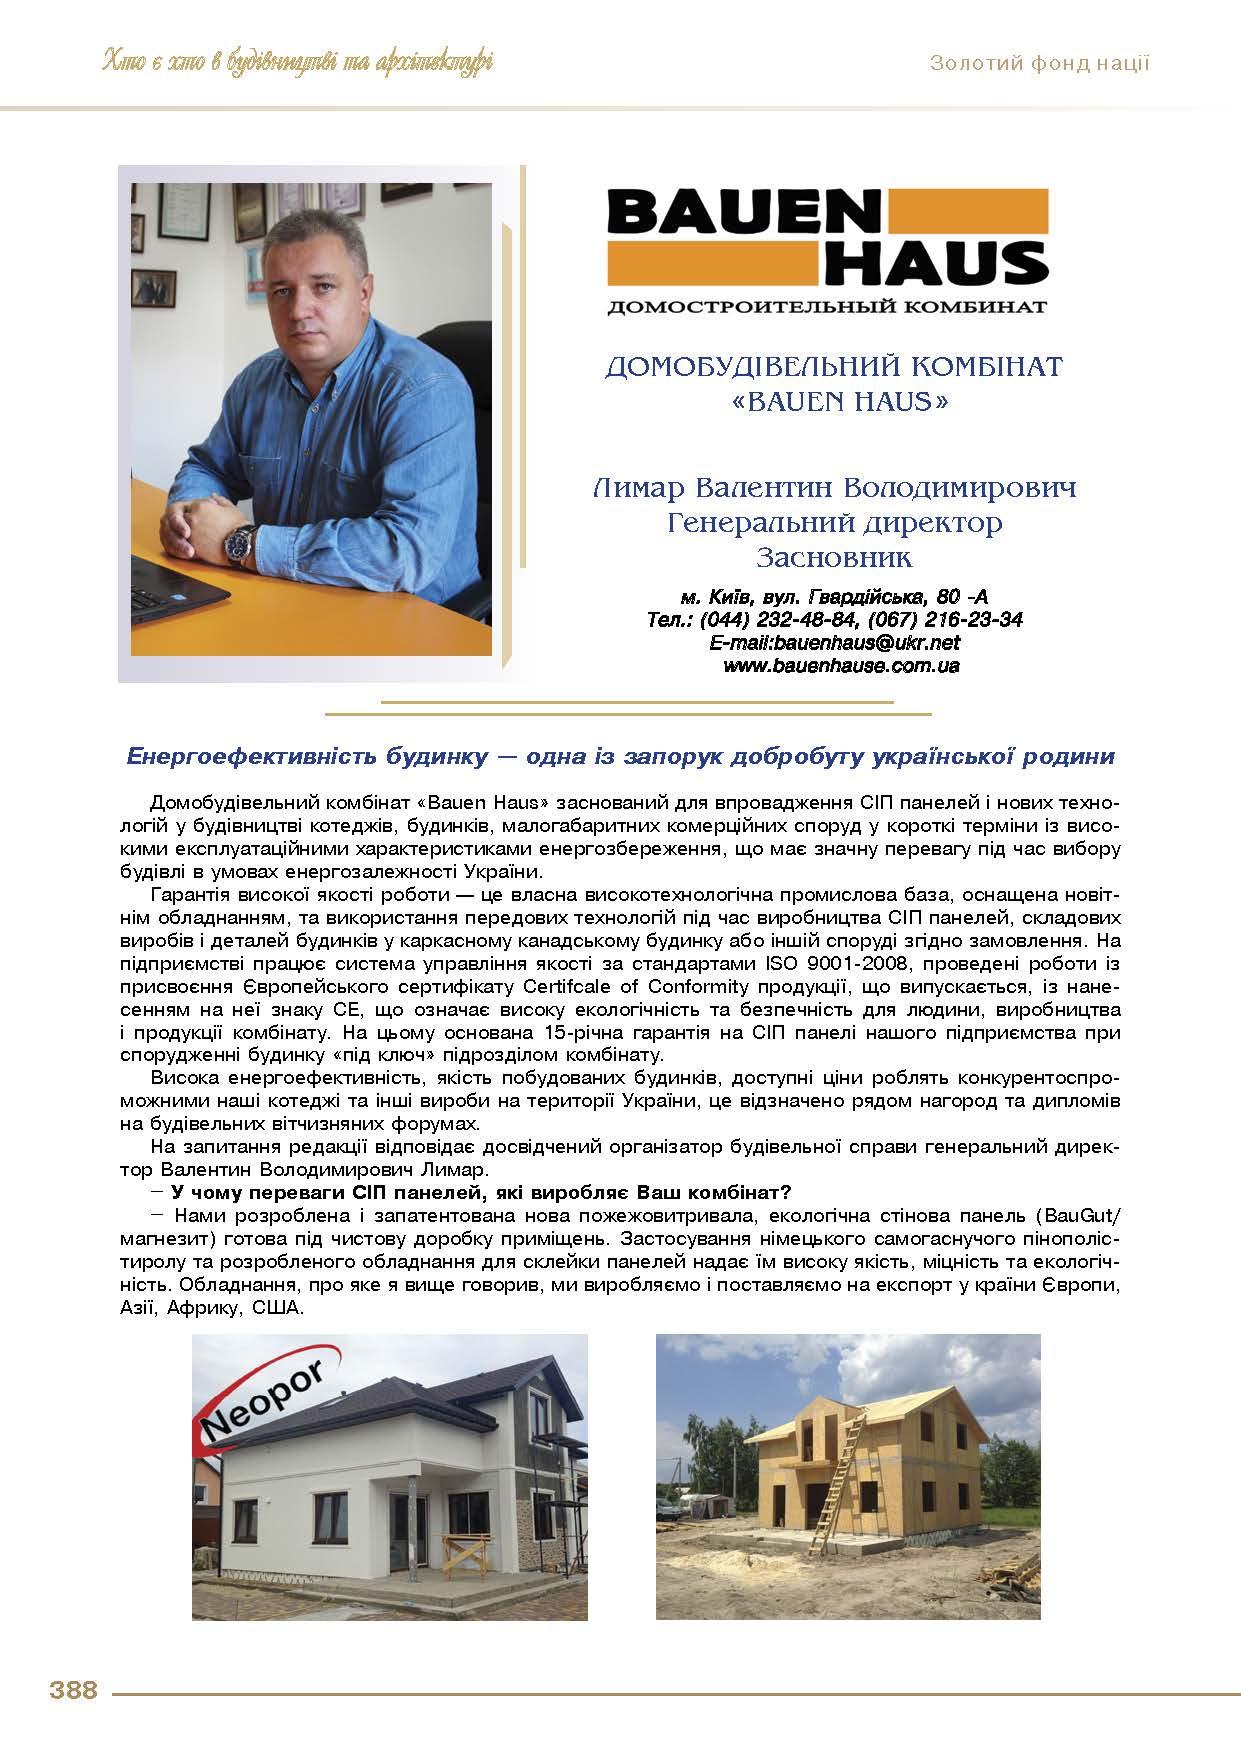 Домобудівельний комбінат «BAUEN HAUS» - Лимар Валентин Володимирович